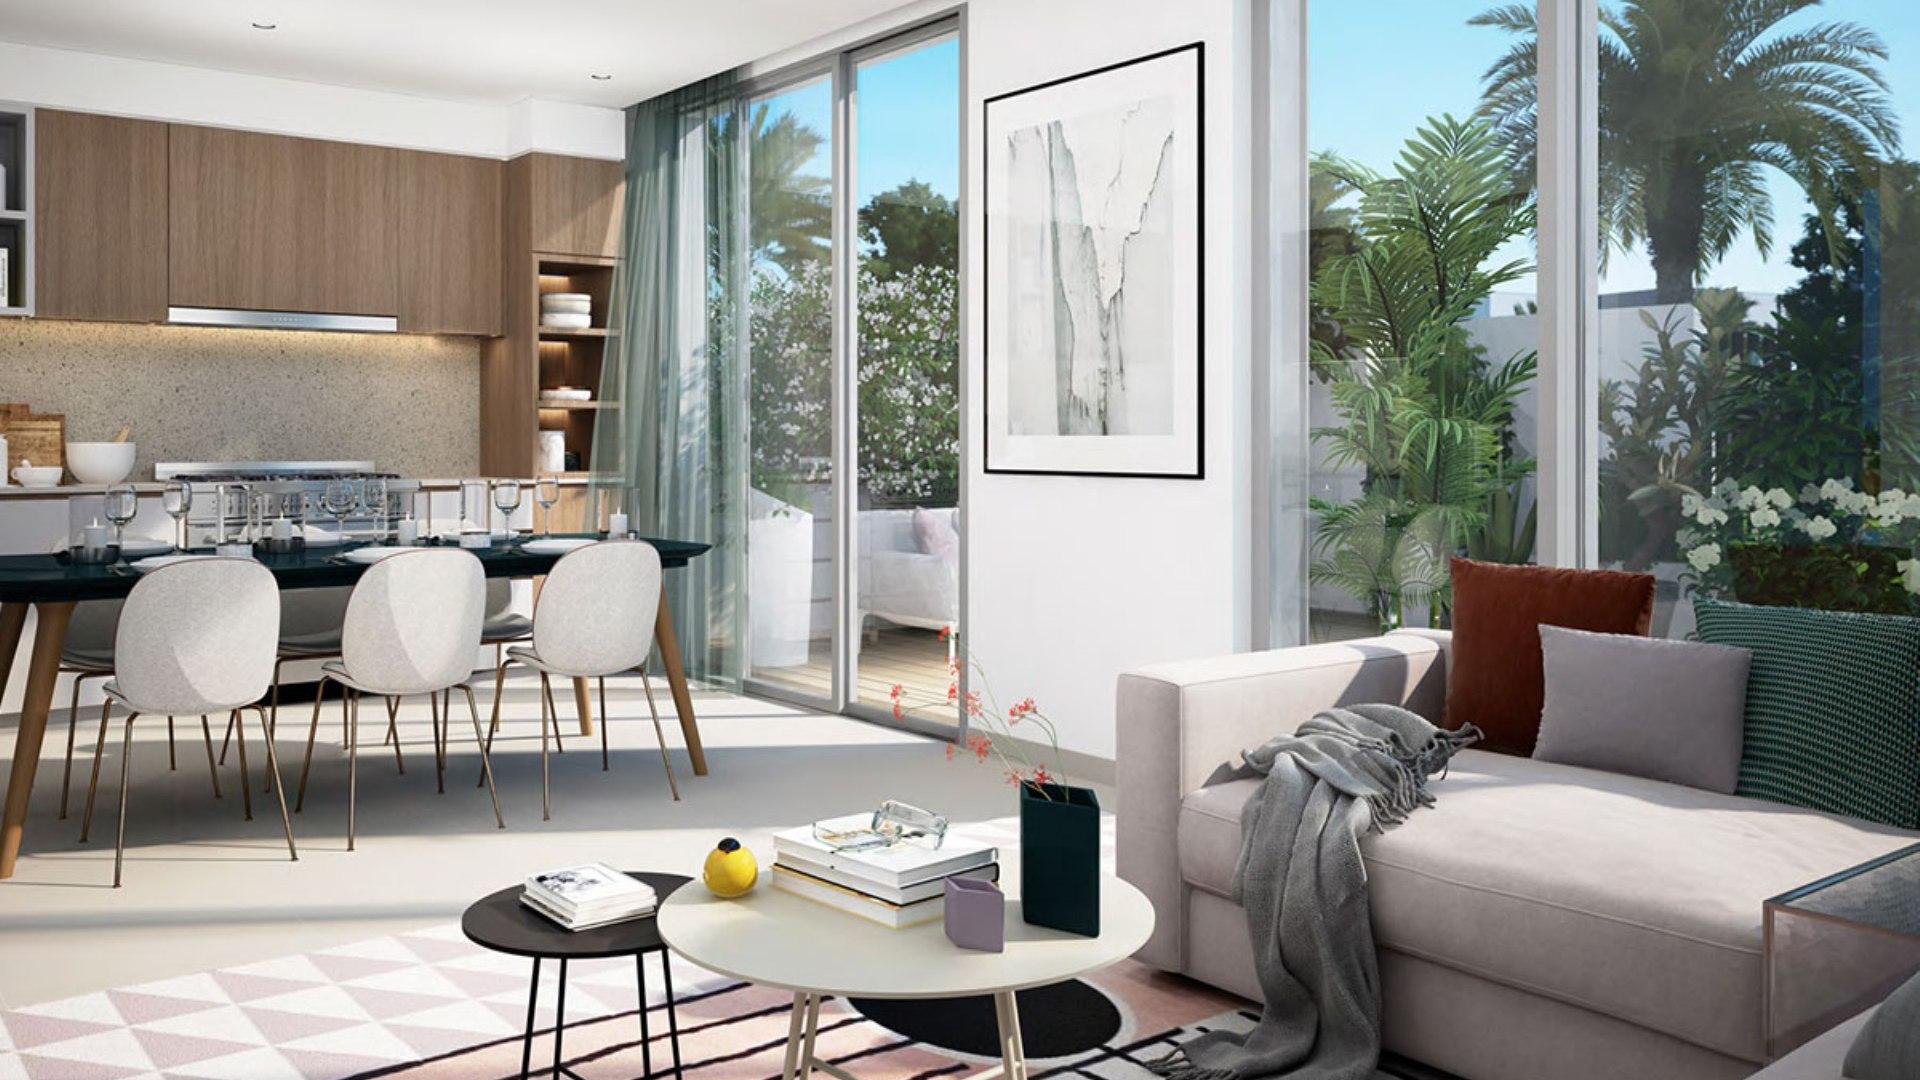 Villa en venta en Dubai, EAU, 4 dormitorios, 231 m2, № 24353 – foto 2